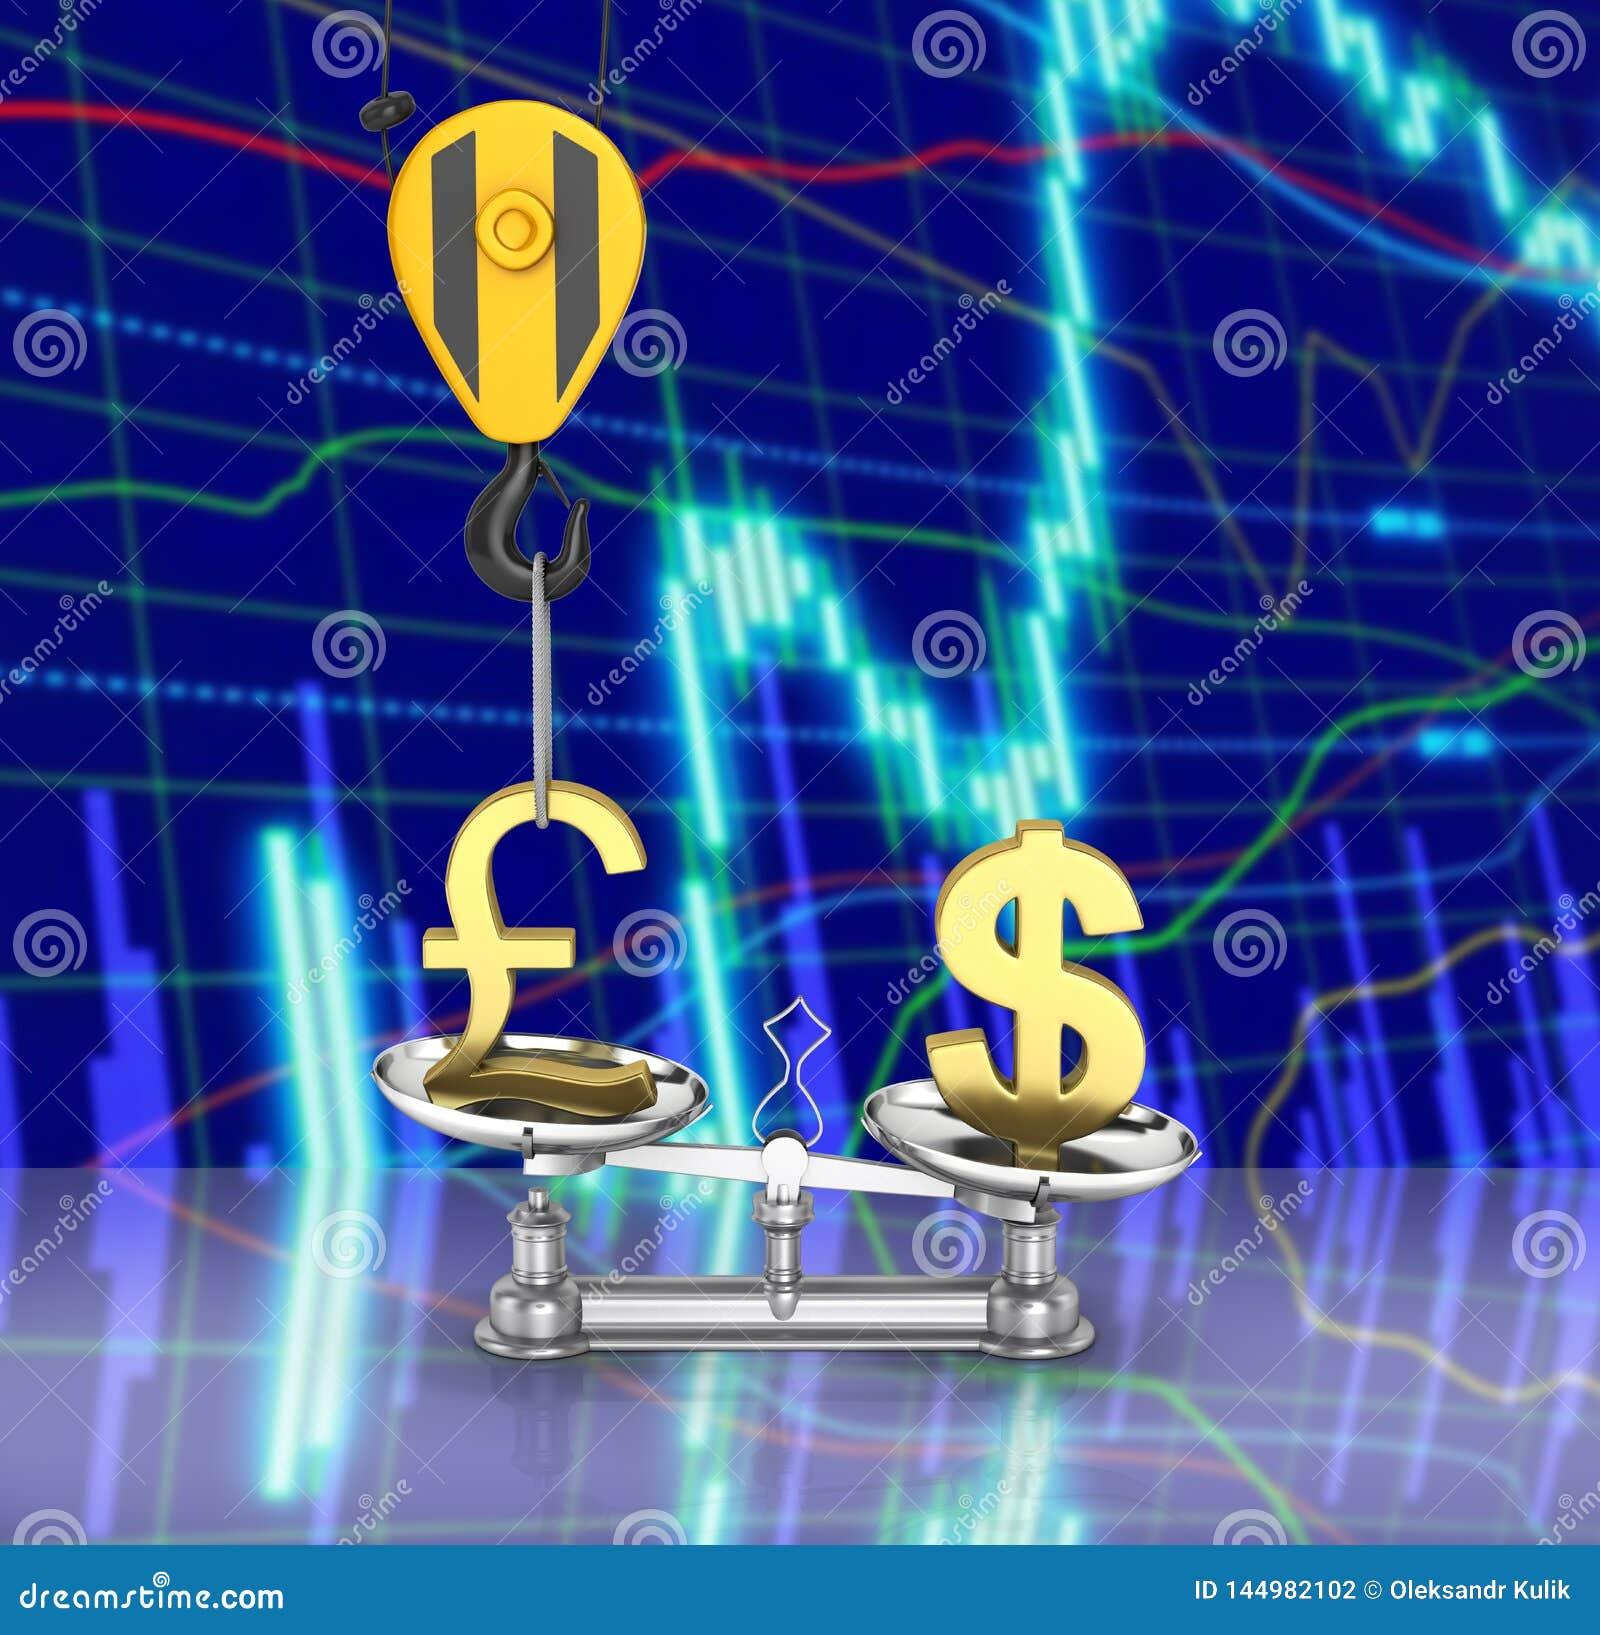 Концепция доллара поддержки курса против евро кран вытягивает фунт вверх и понижает доллар стерлинговый дальше на фондовой бирже